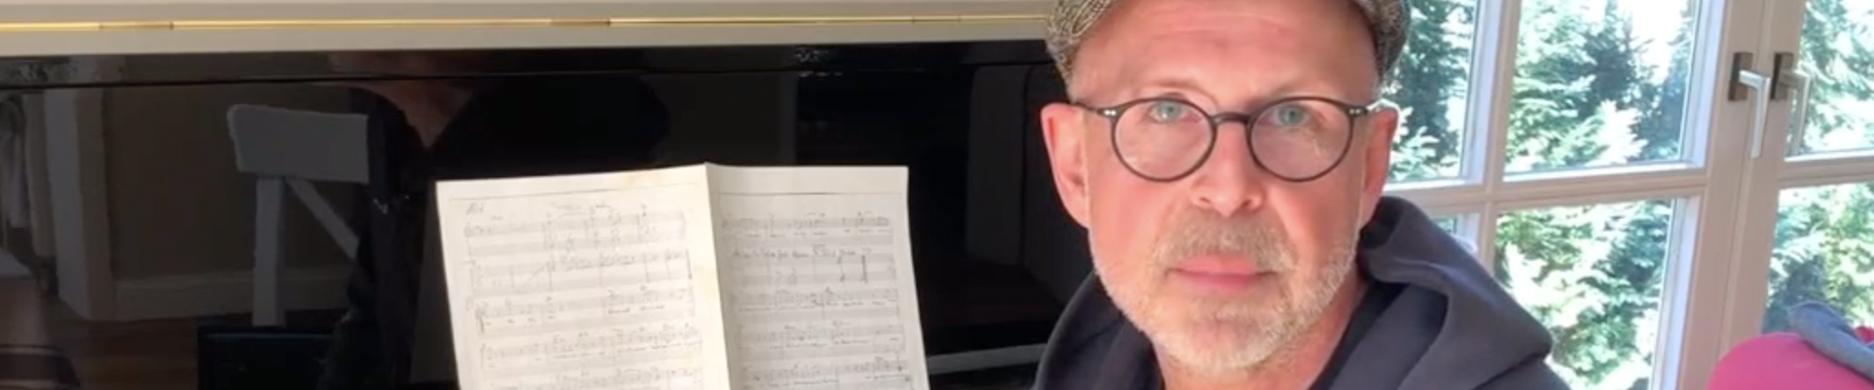 Tom Keller erzählt die Geschichte hinter dem Lied